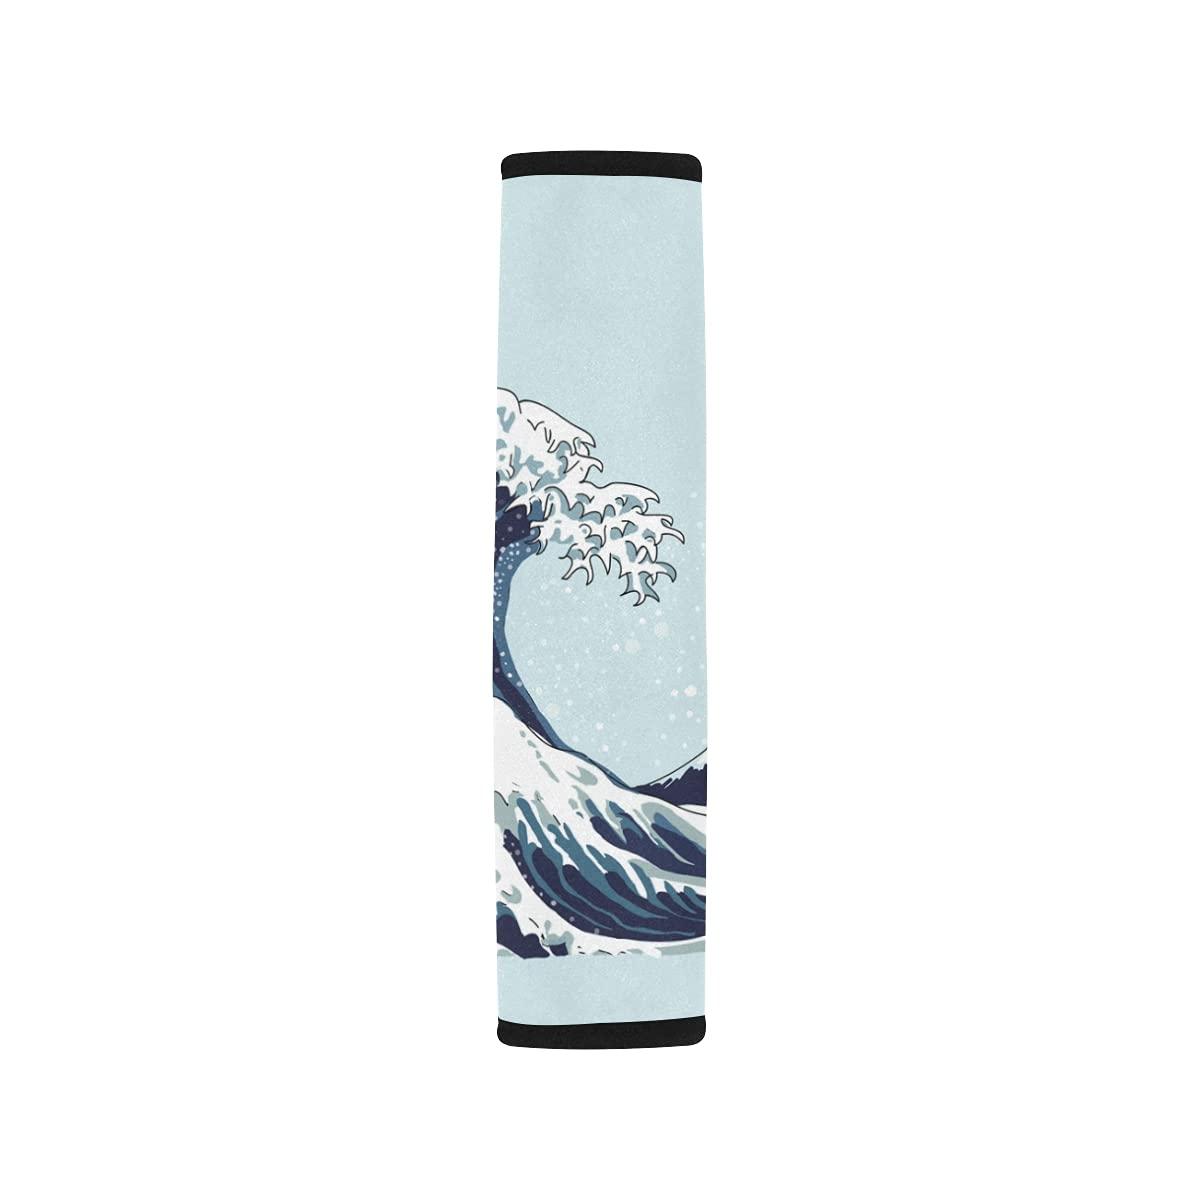 Max 53% OFF 2pcs Car Seat Belt 2021 model Cover Wave Shoulder Motif Japan Japanese